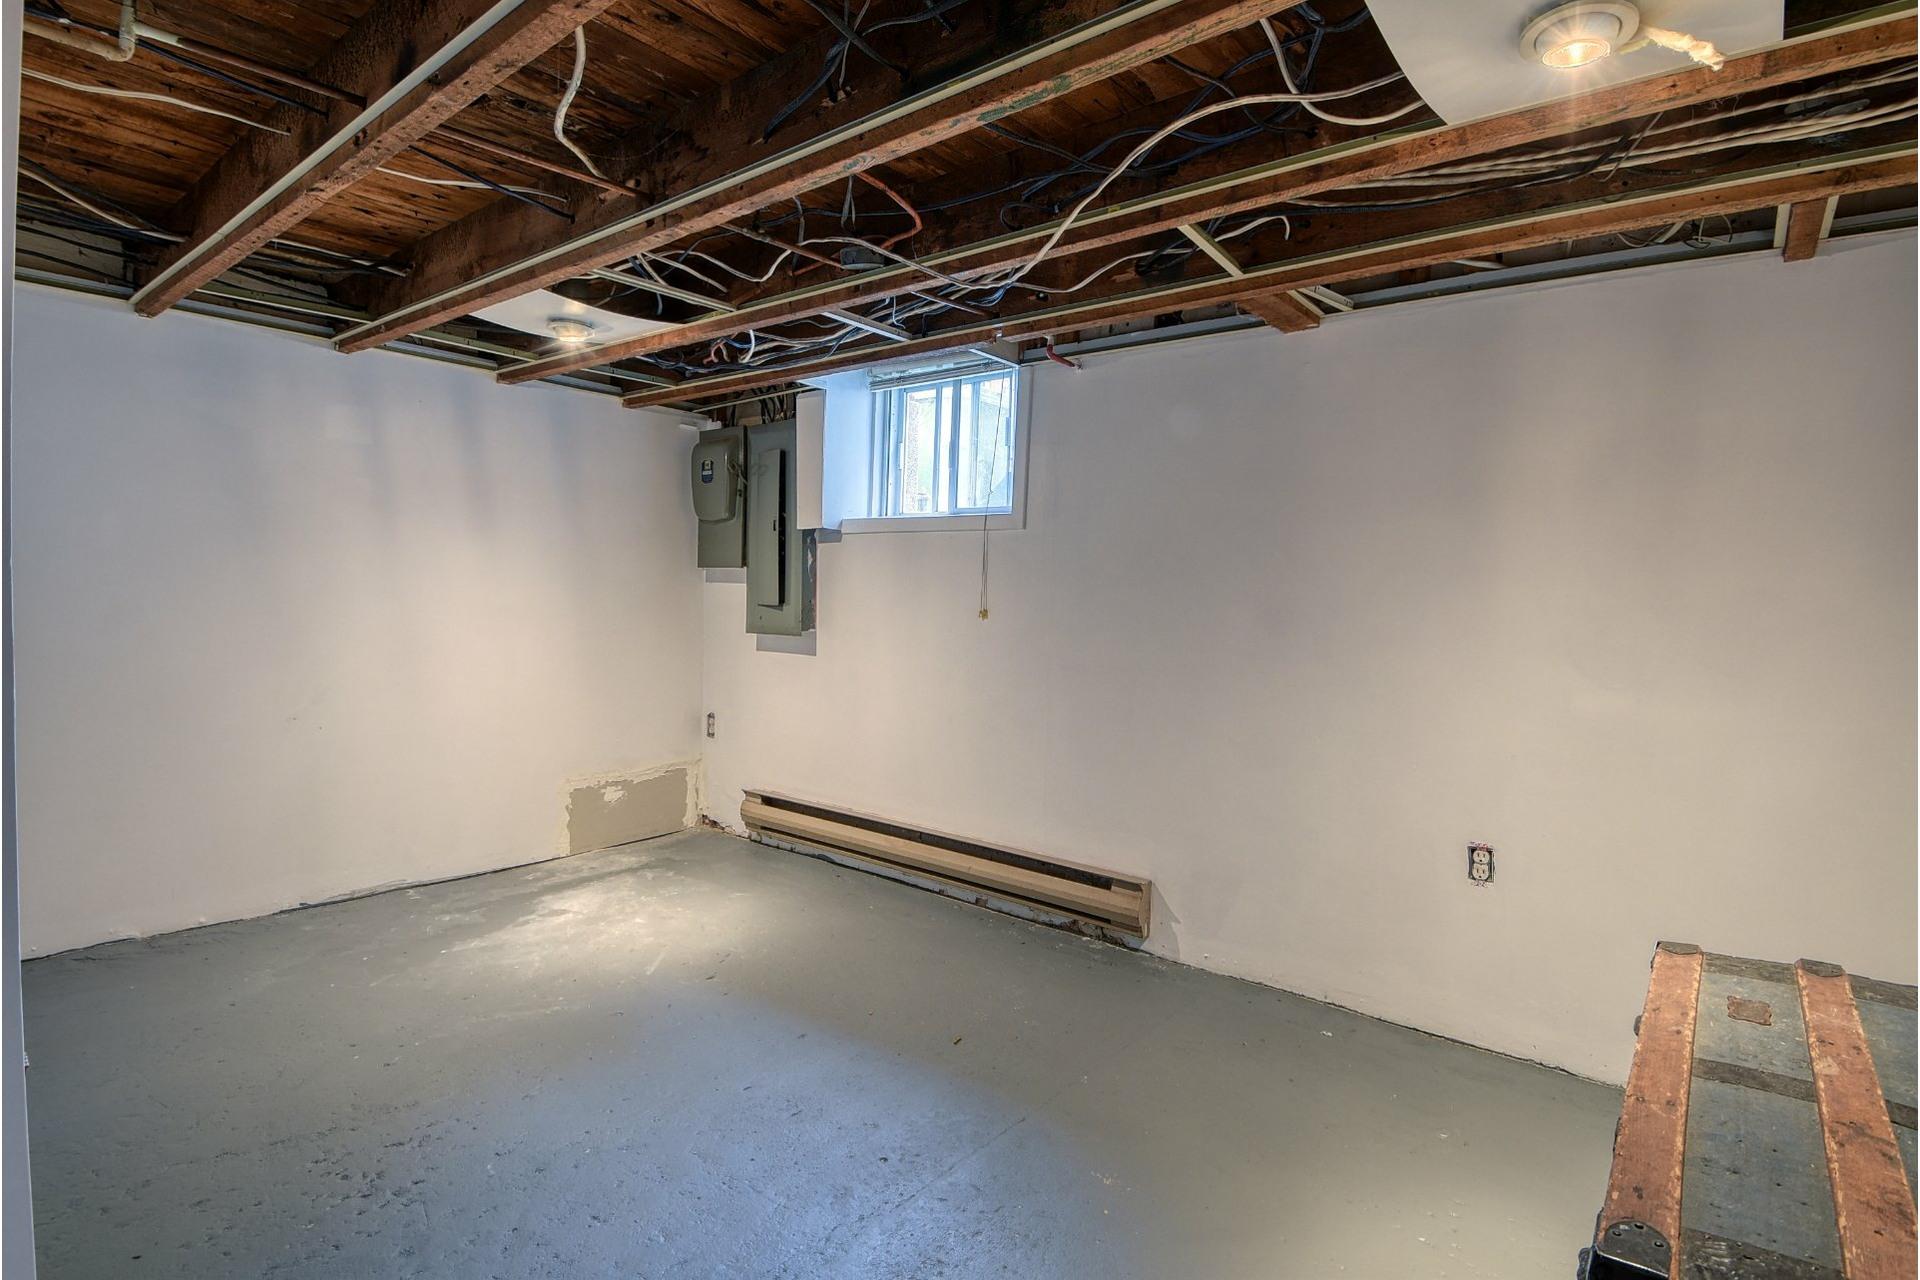 image 16 - Duplex For sale Lachine Montréal  - 7 rooms